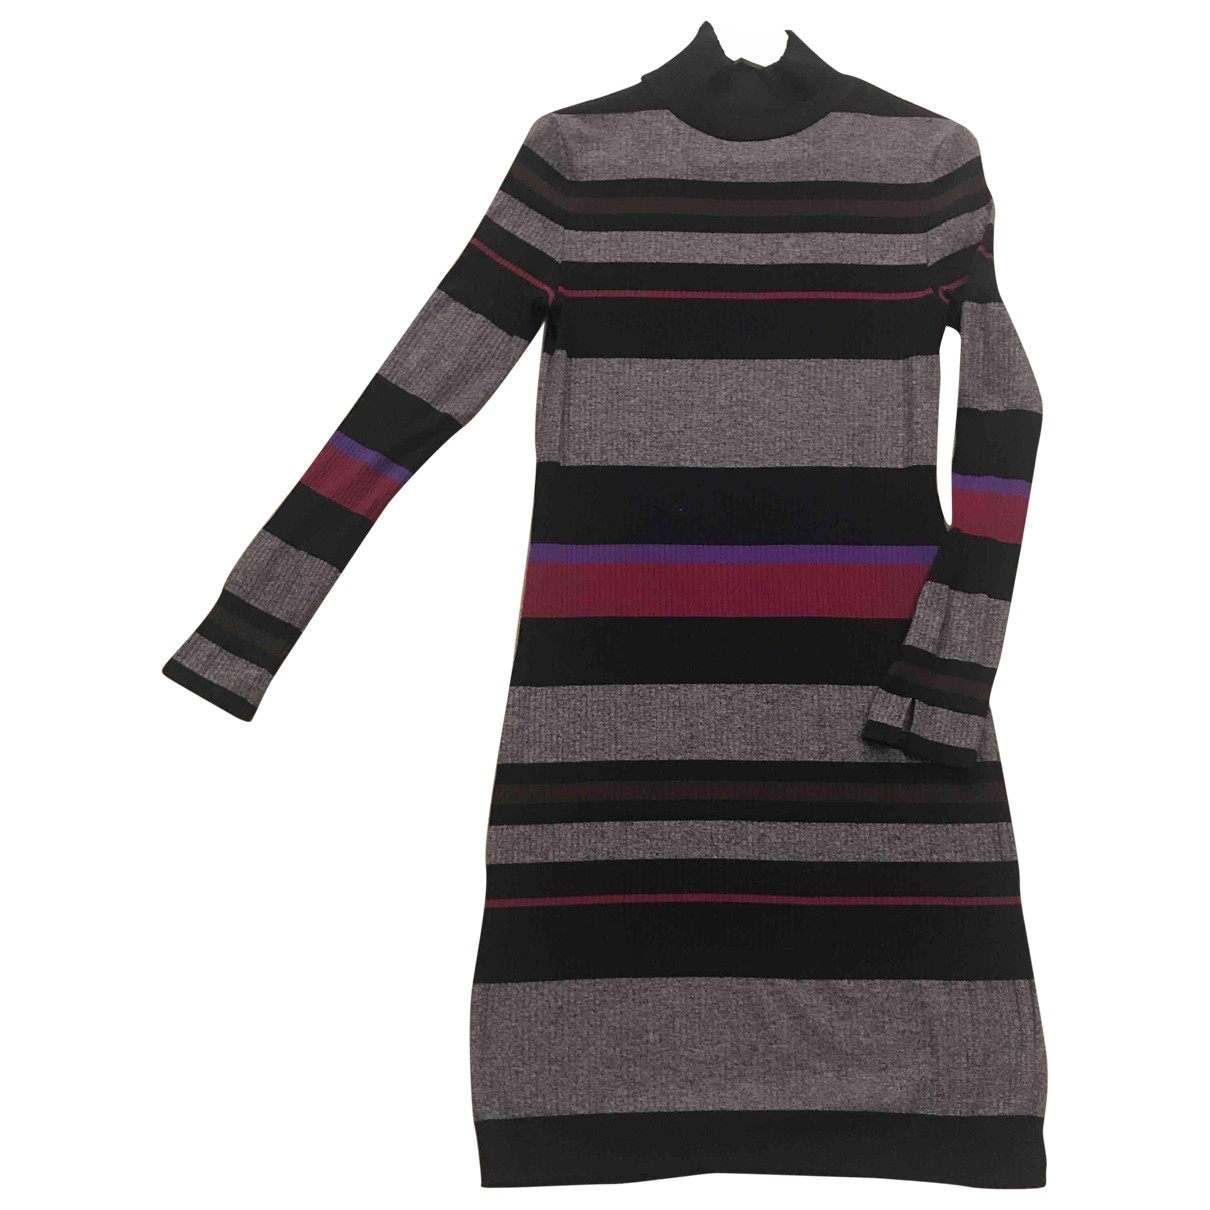 Massimo Dutti \N Kleid in  Bunt Baumwolle - Elasthan